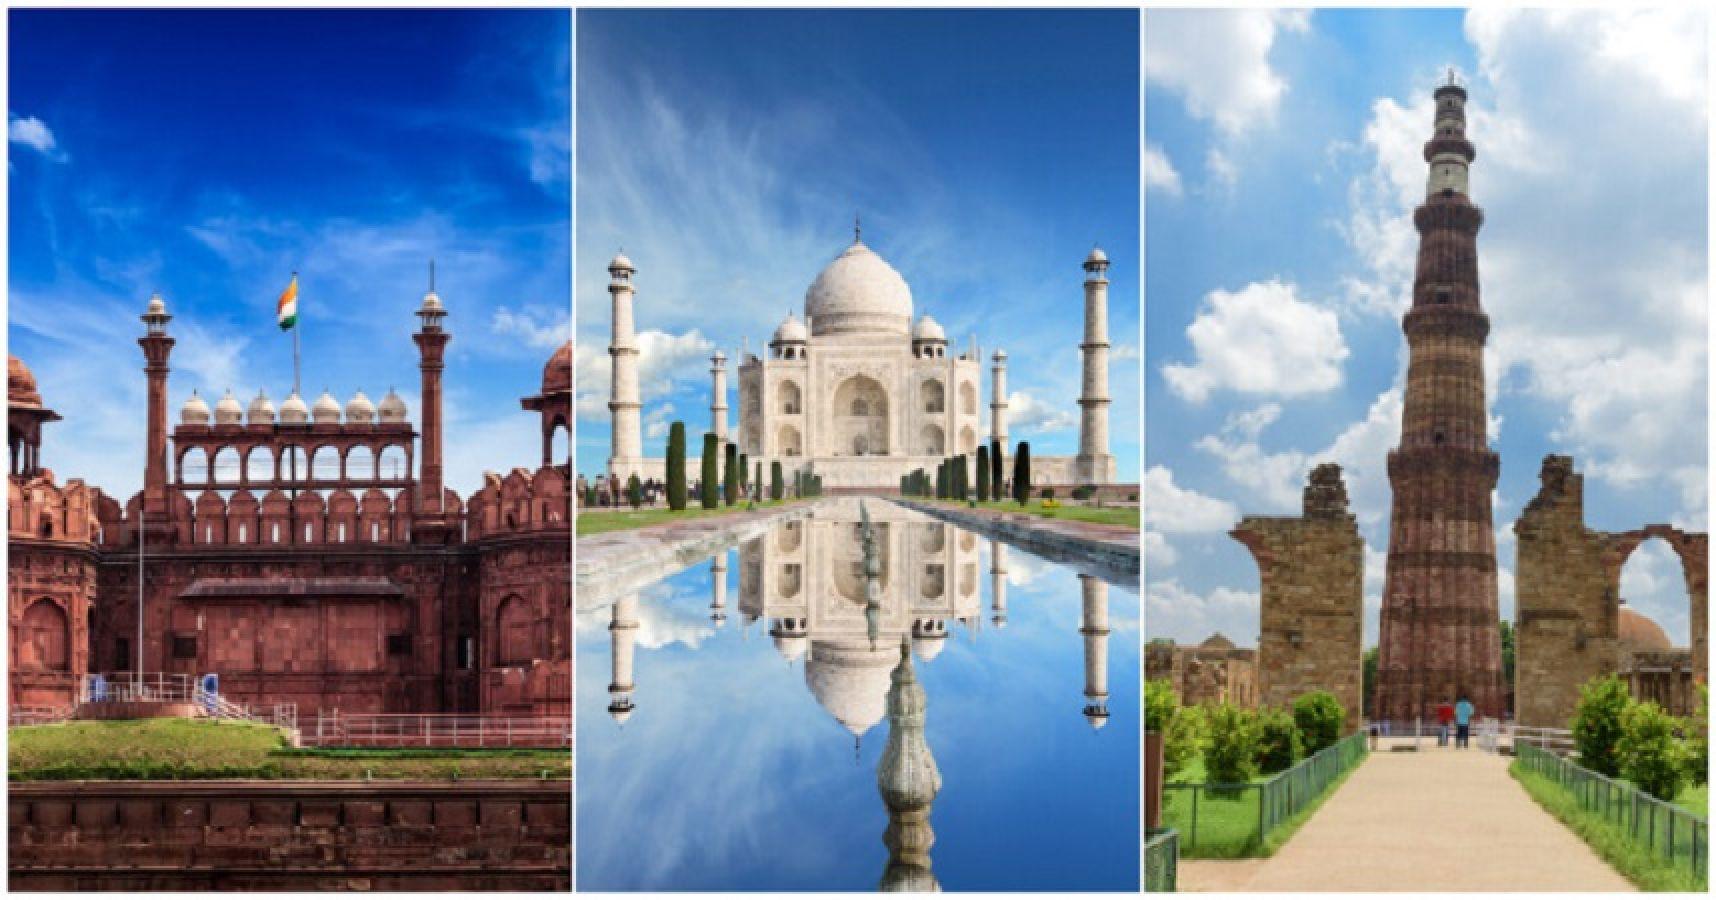 विश्व धरोहर दिवस: आज मुफ्त में घूमिए ताज महल, क़ुतुब मीनार जैसे ऐतिहासिक स्थल